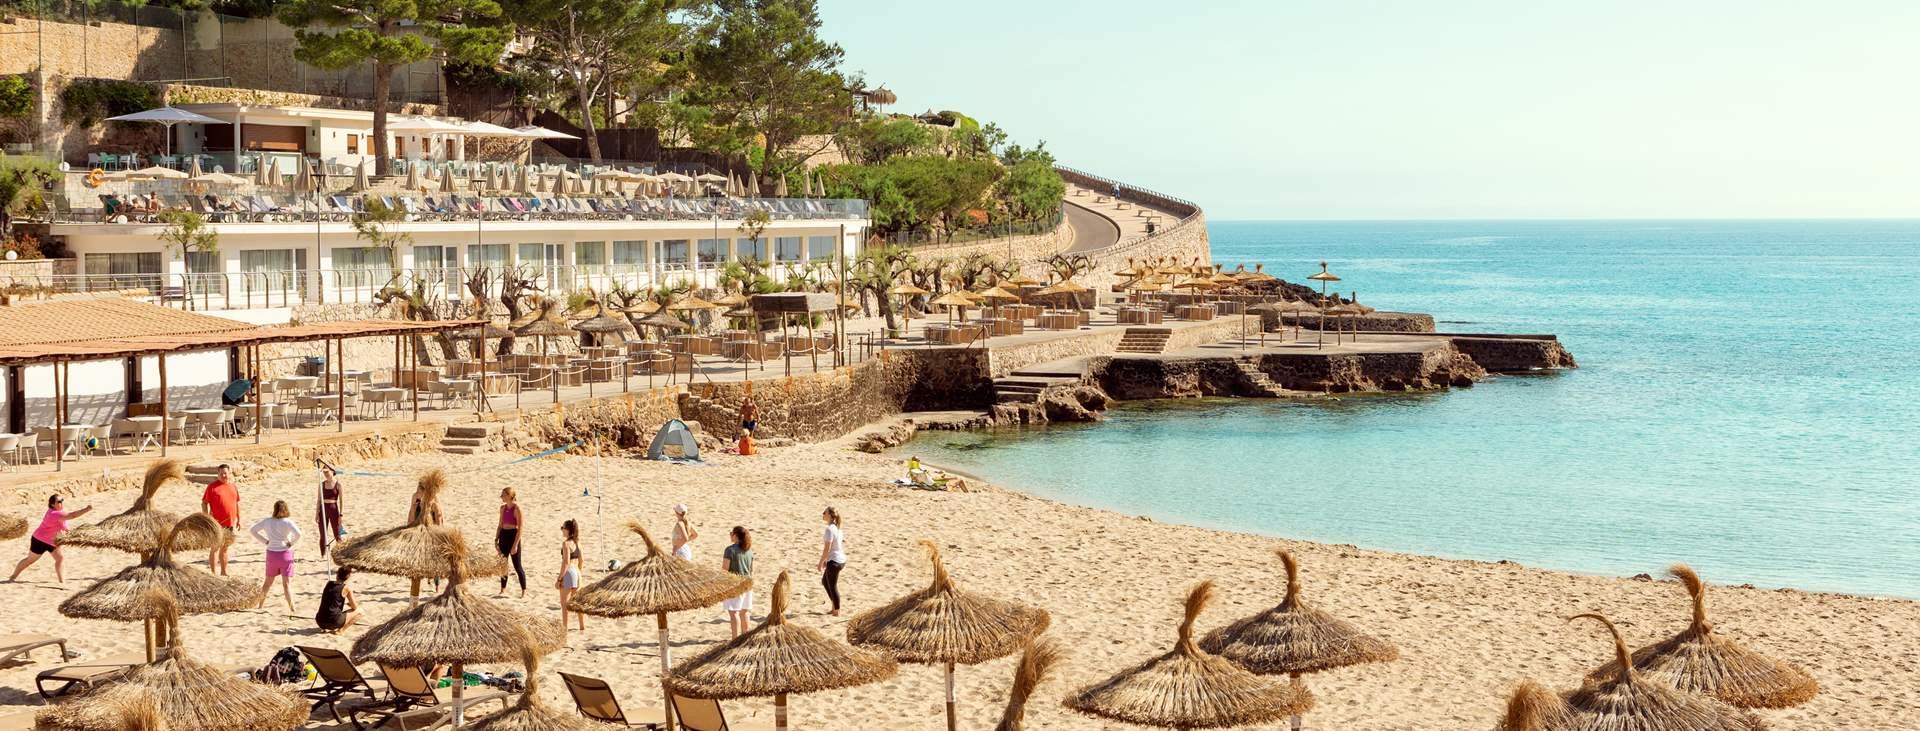 Boka din resa till Cala San Vicente på Mallorca